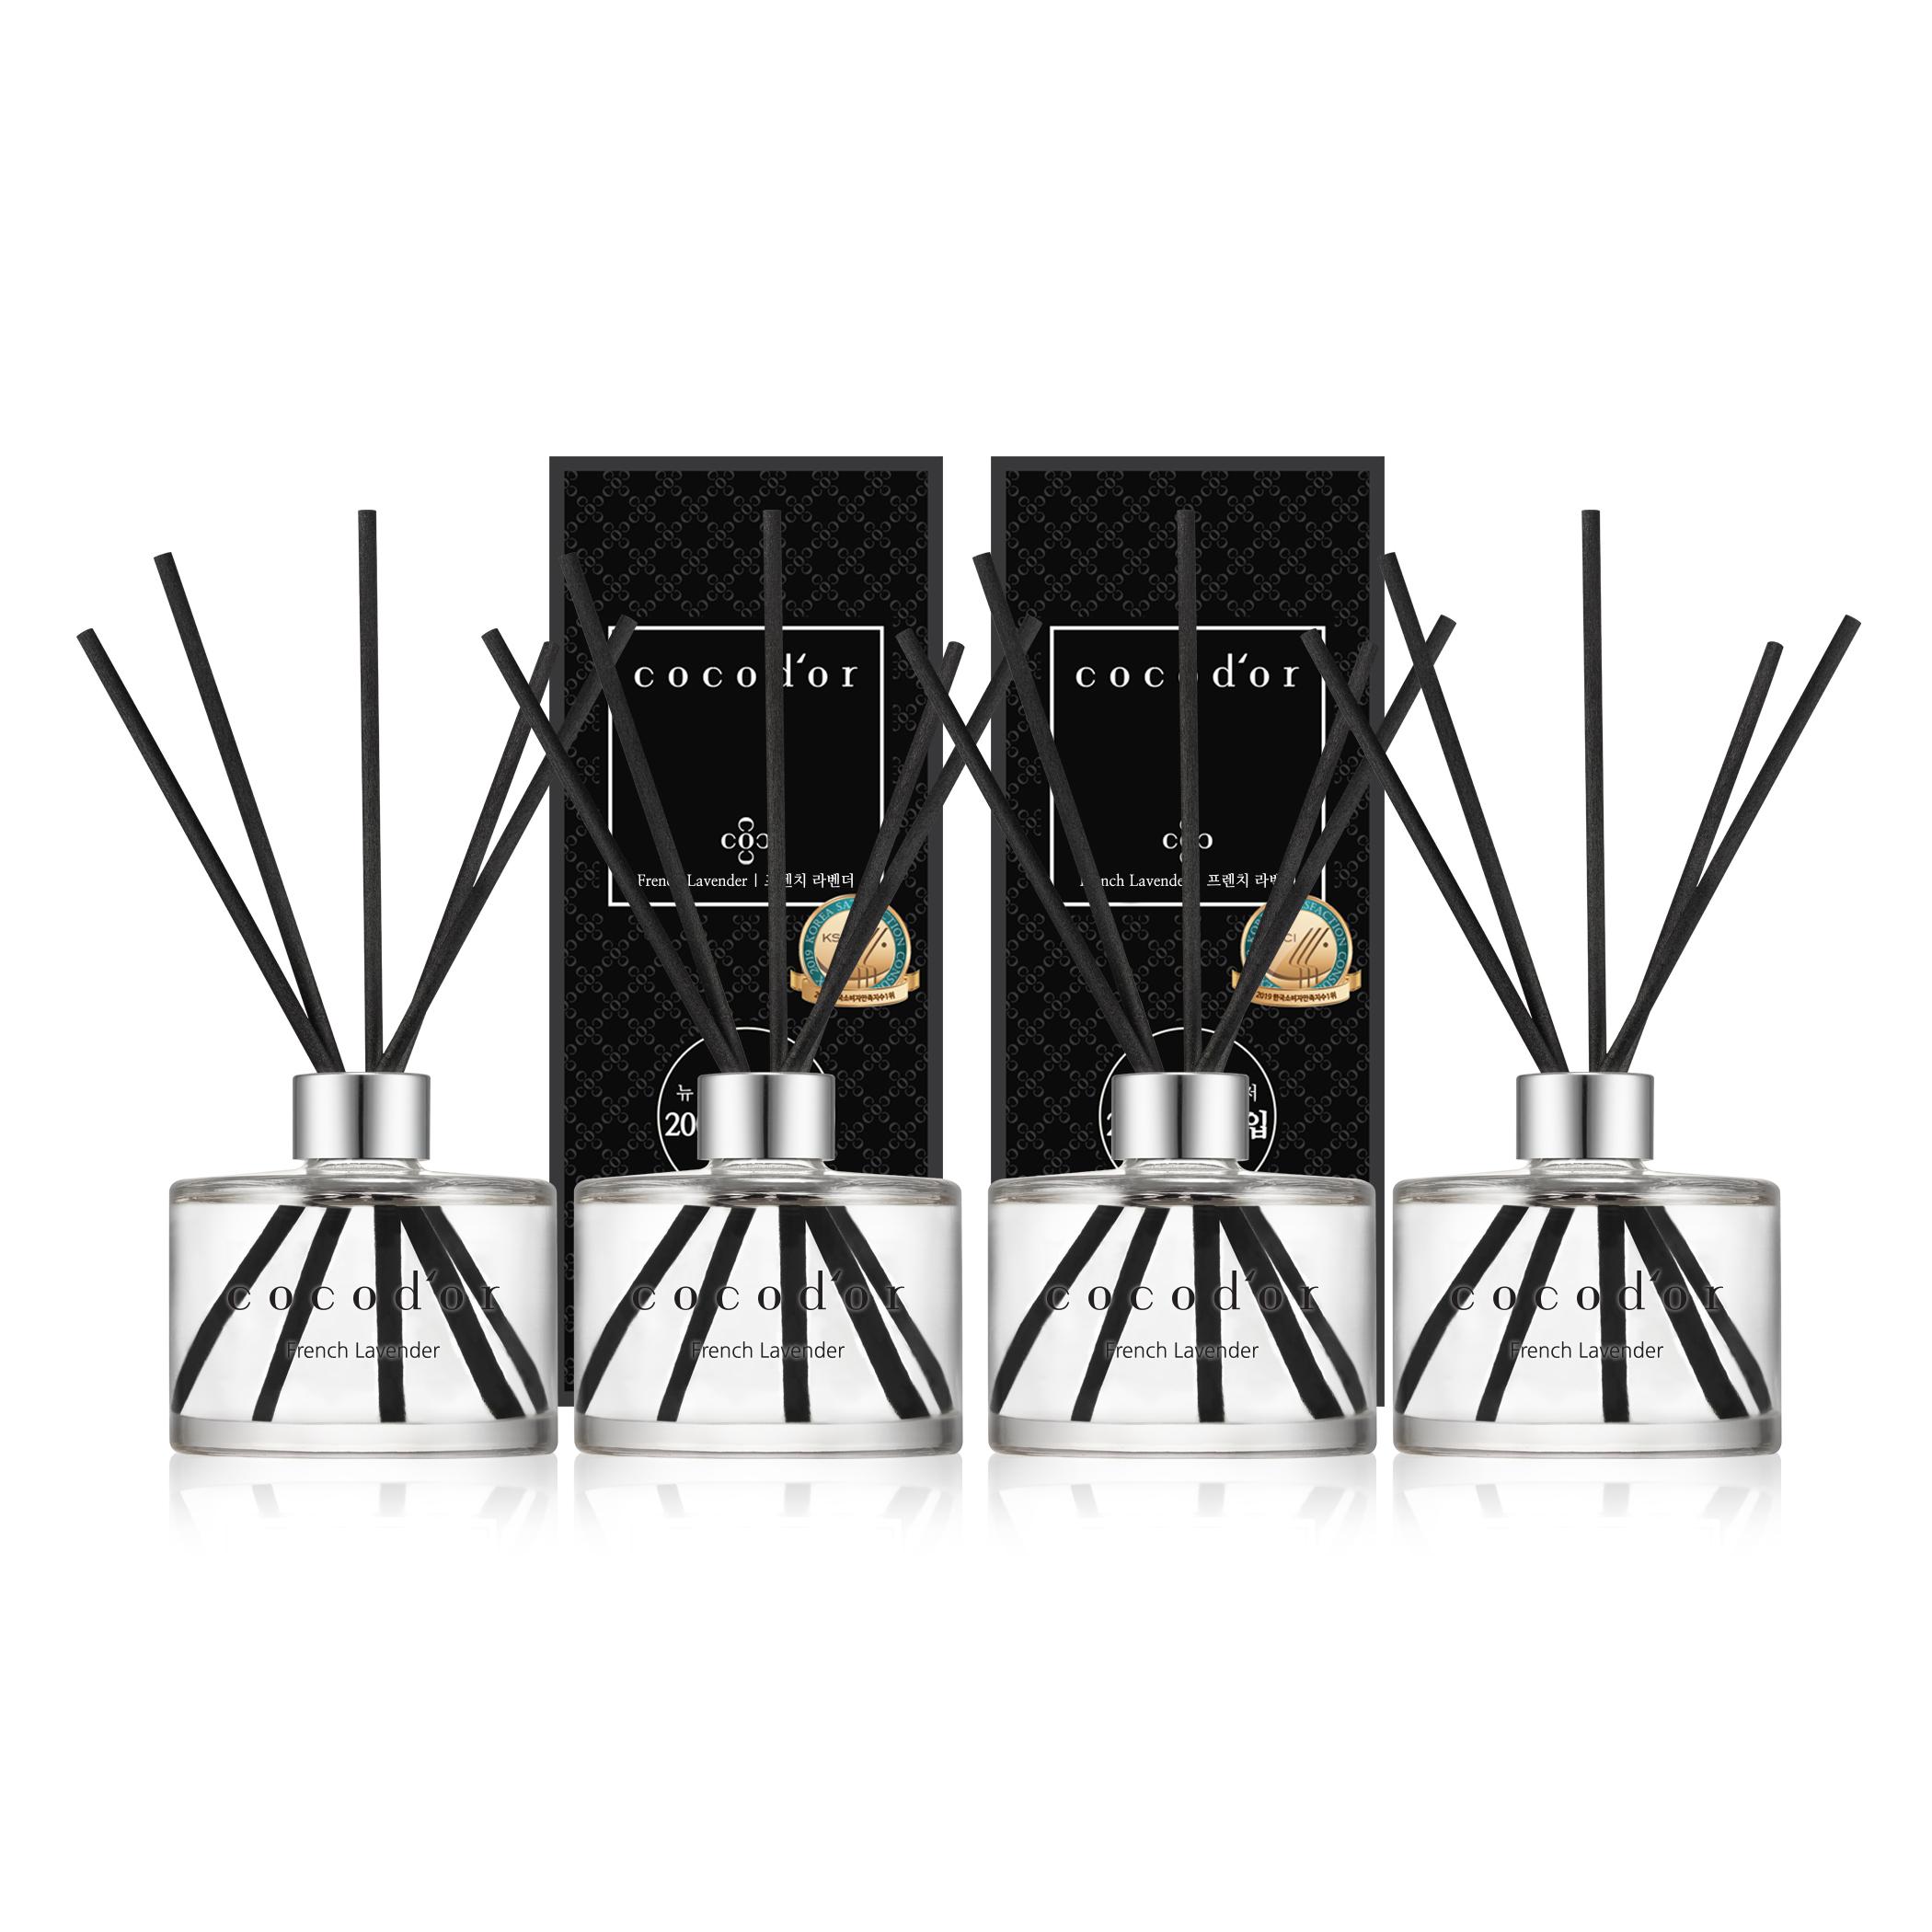 코코도르 뉴 디퓨저 200ml x 4p, 프렌치라벤더